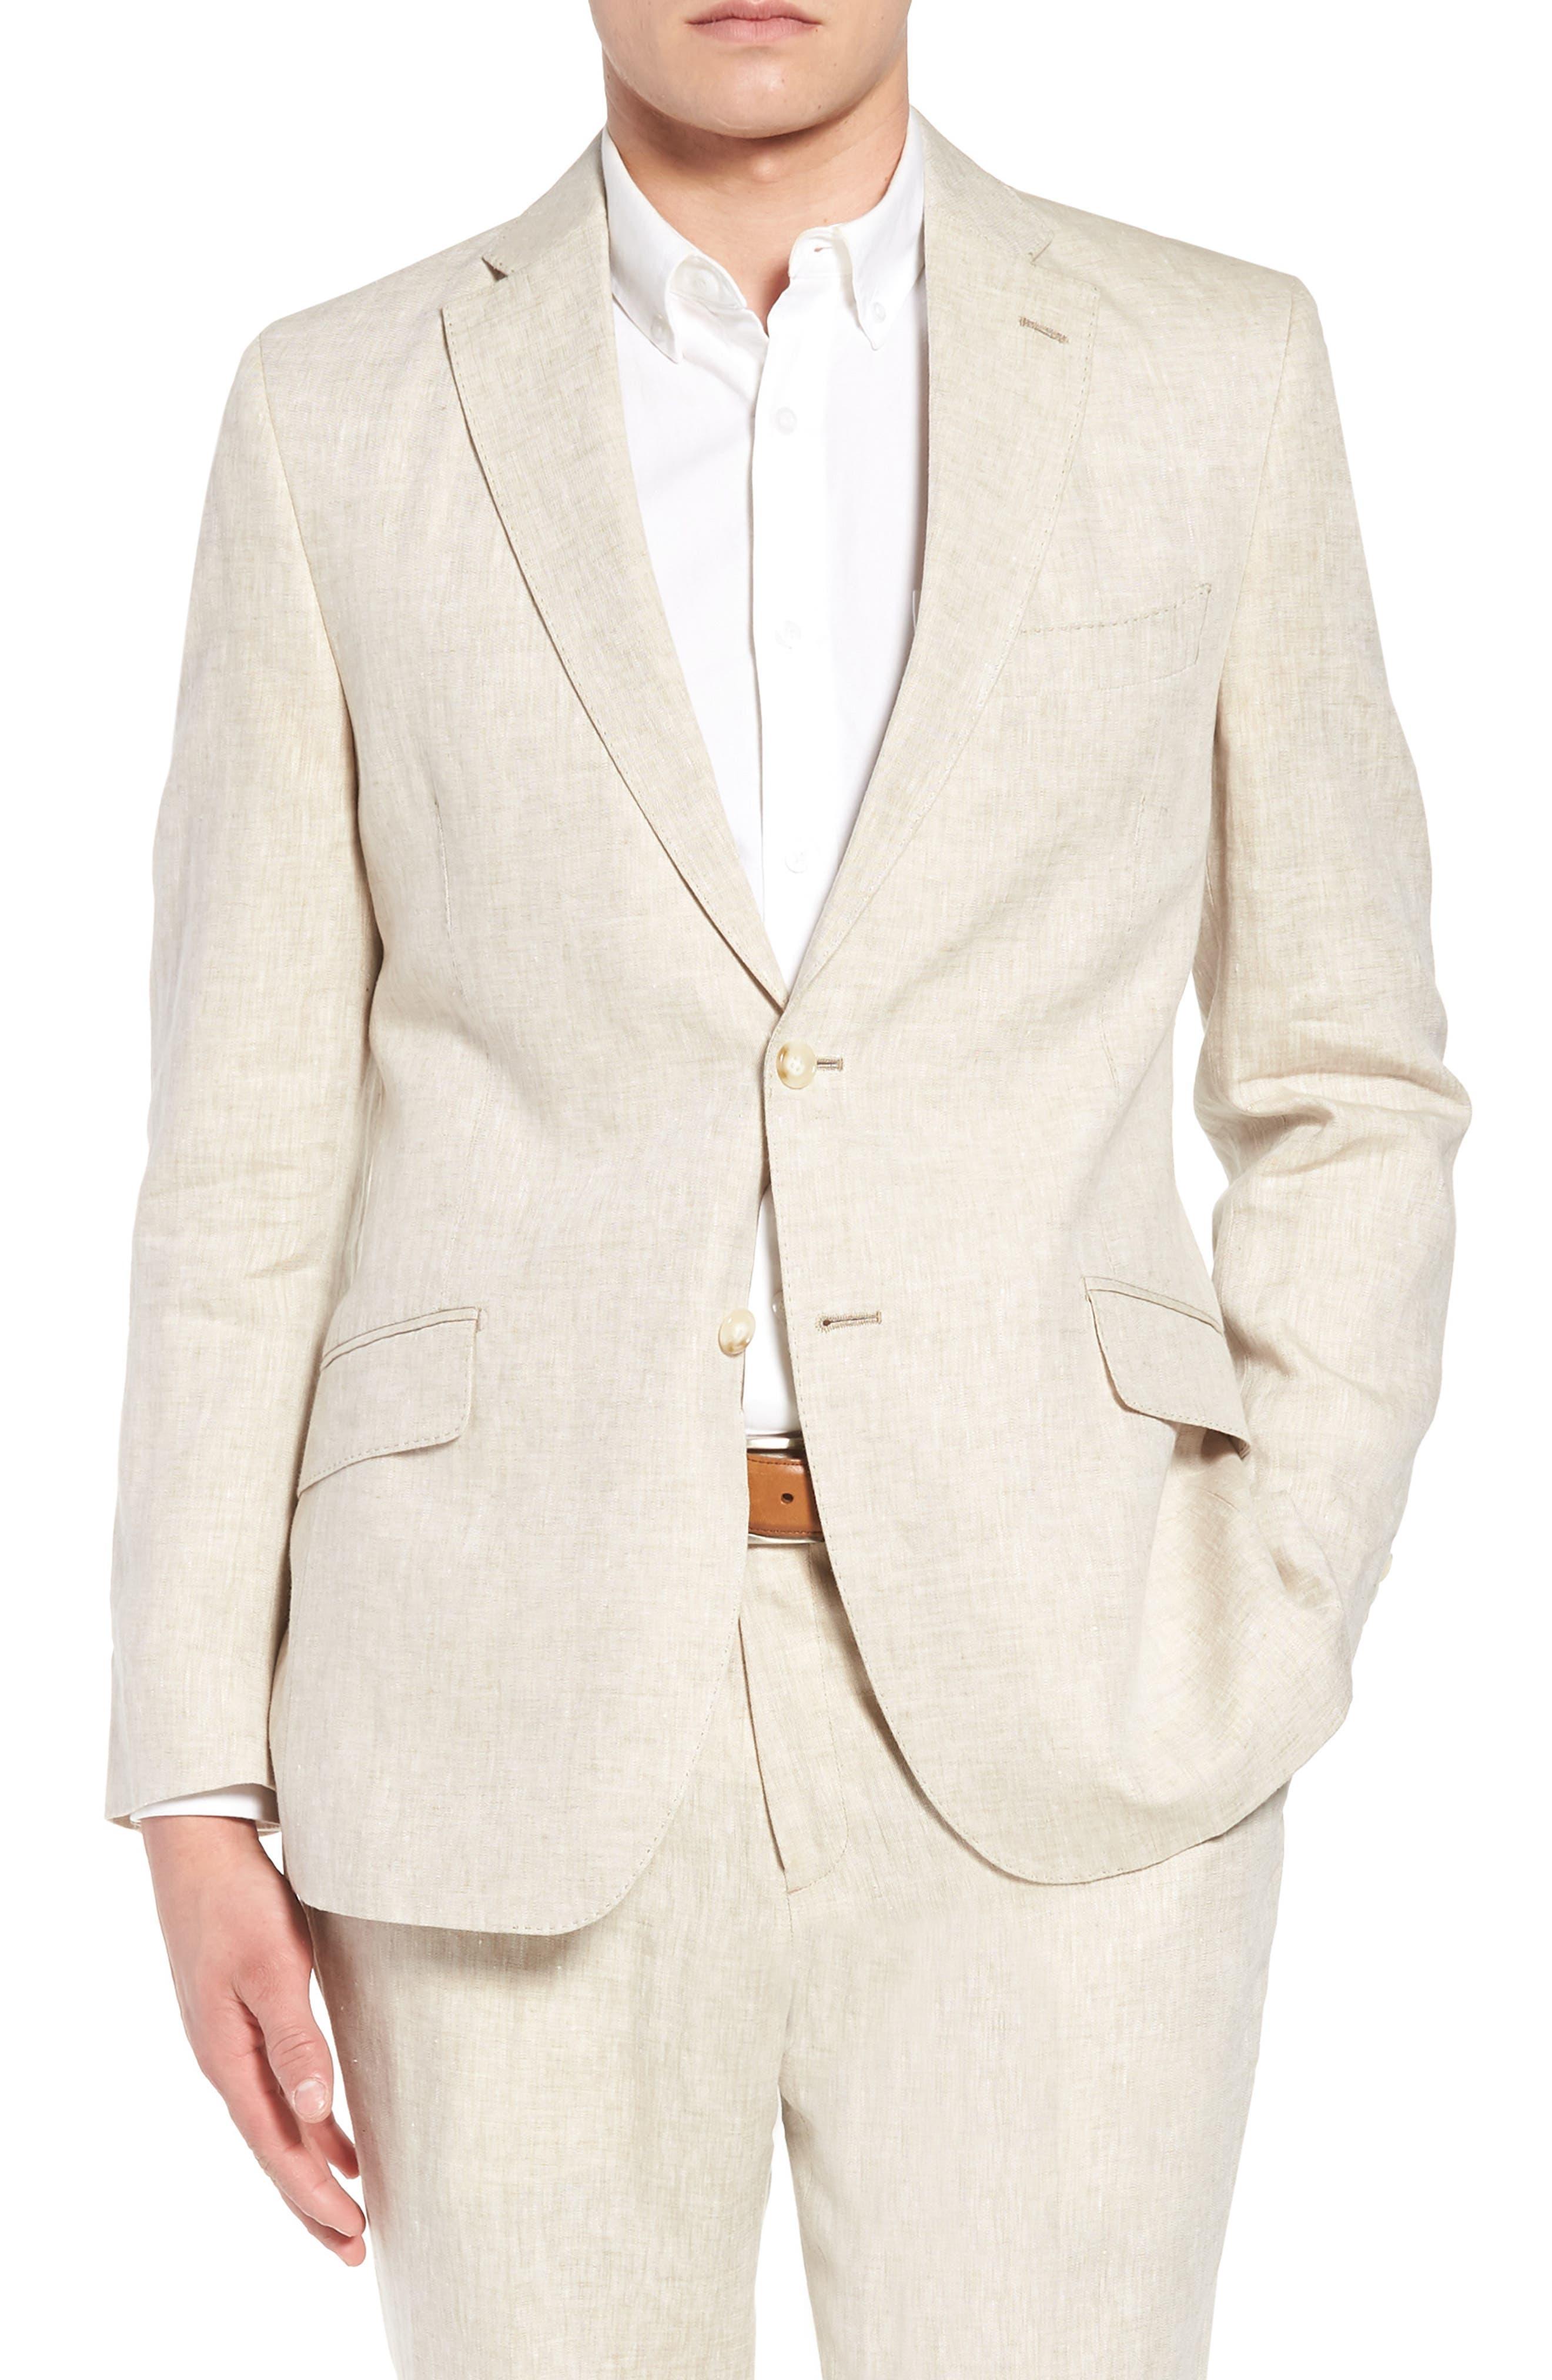 Jack AIM Classic Fit Linen Blazer,                         Main,                         color, Natural